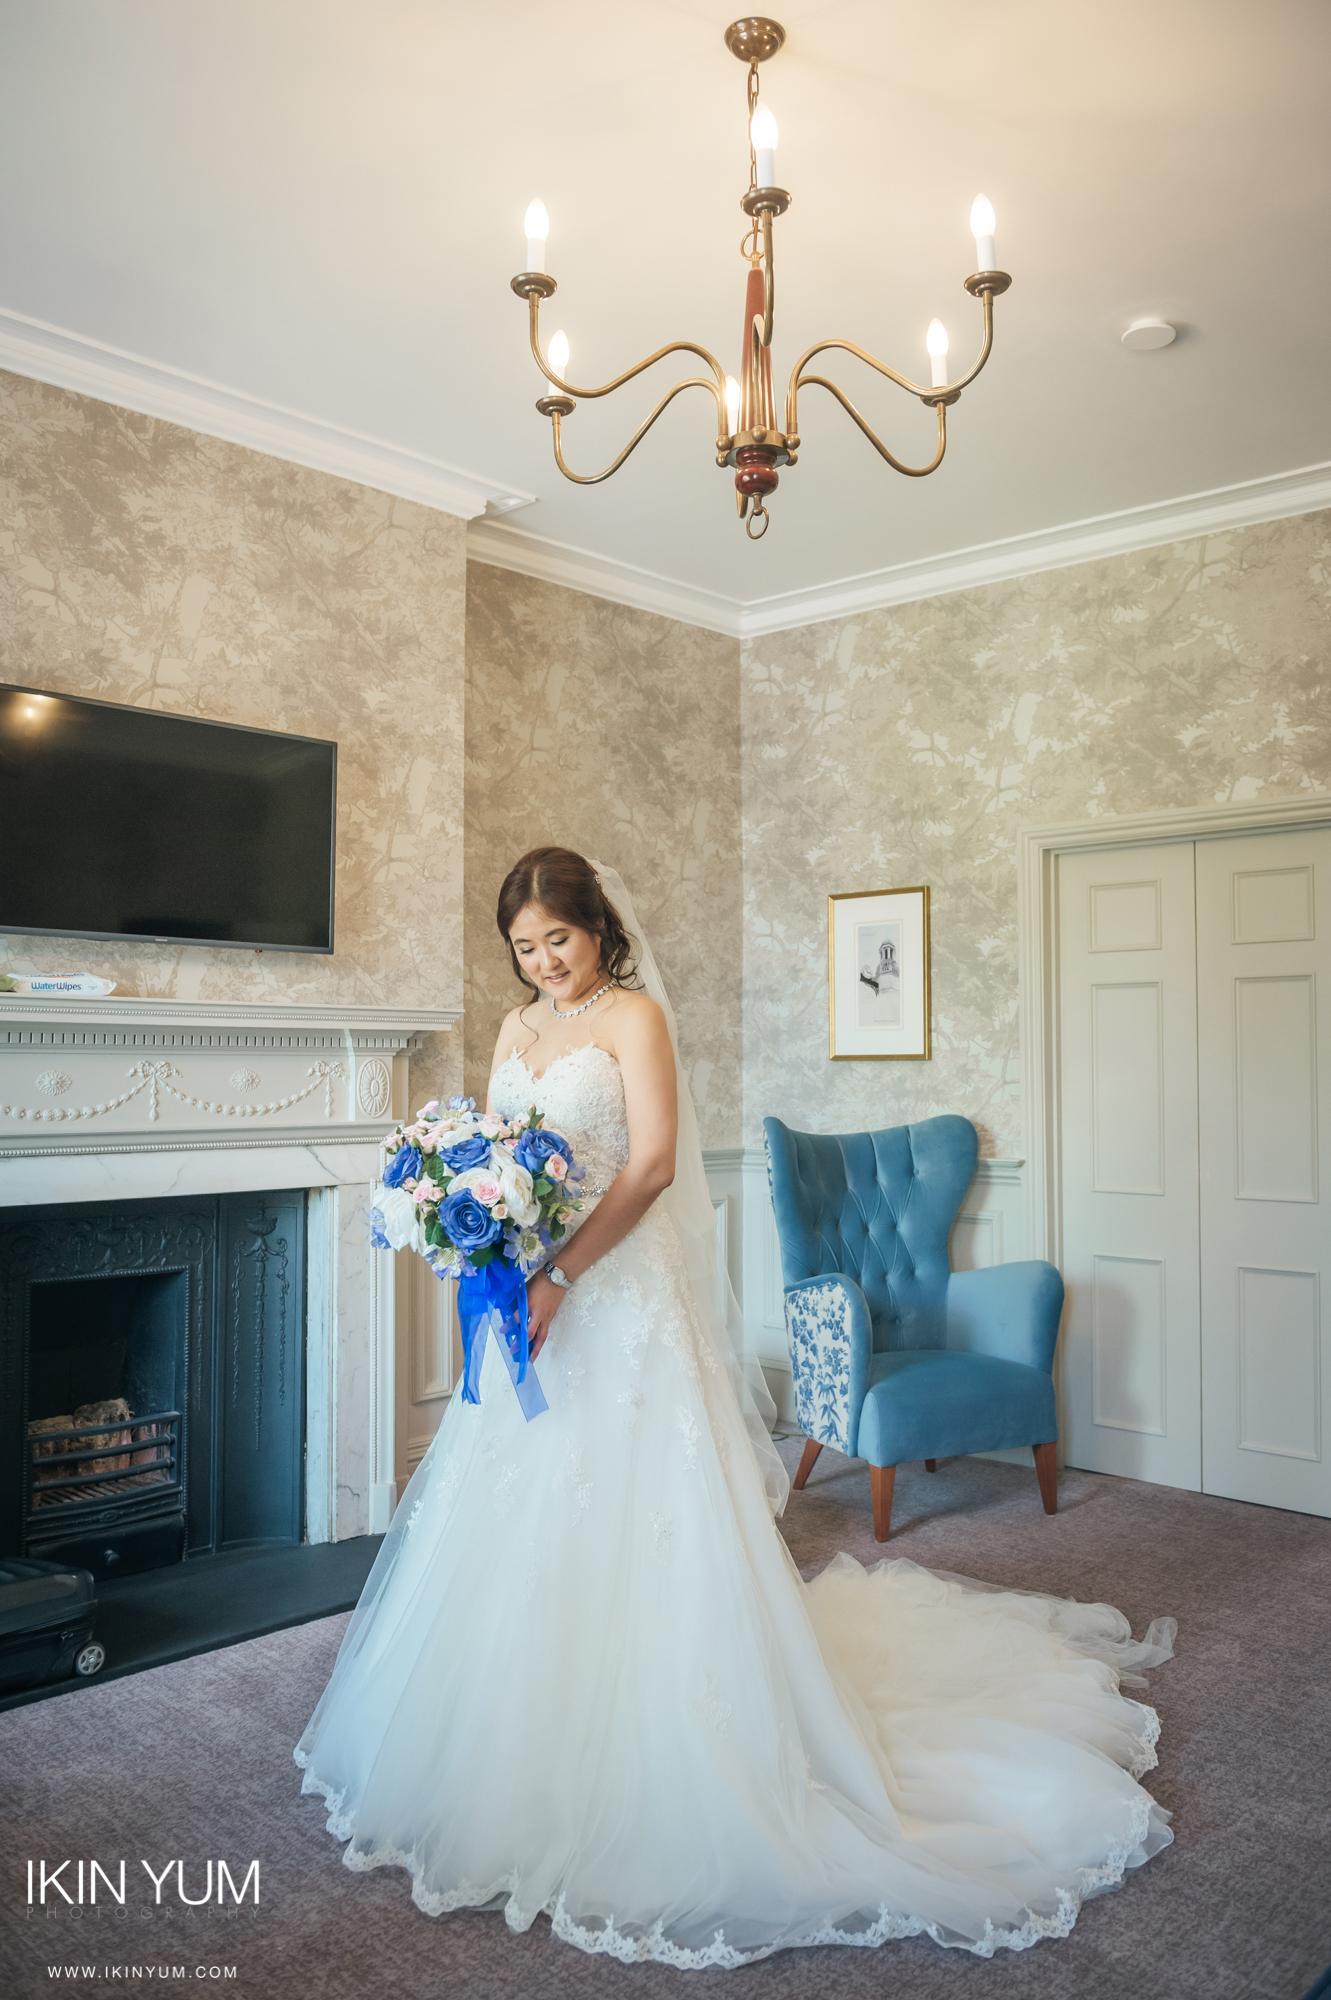 Teresa & Johnathan Weddong Day - Bridal Preparation-0172.jpg